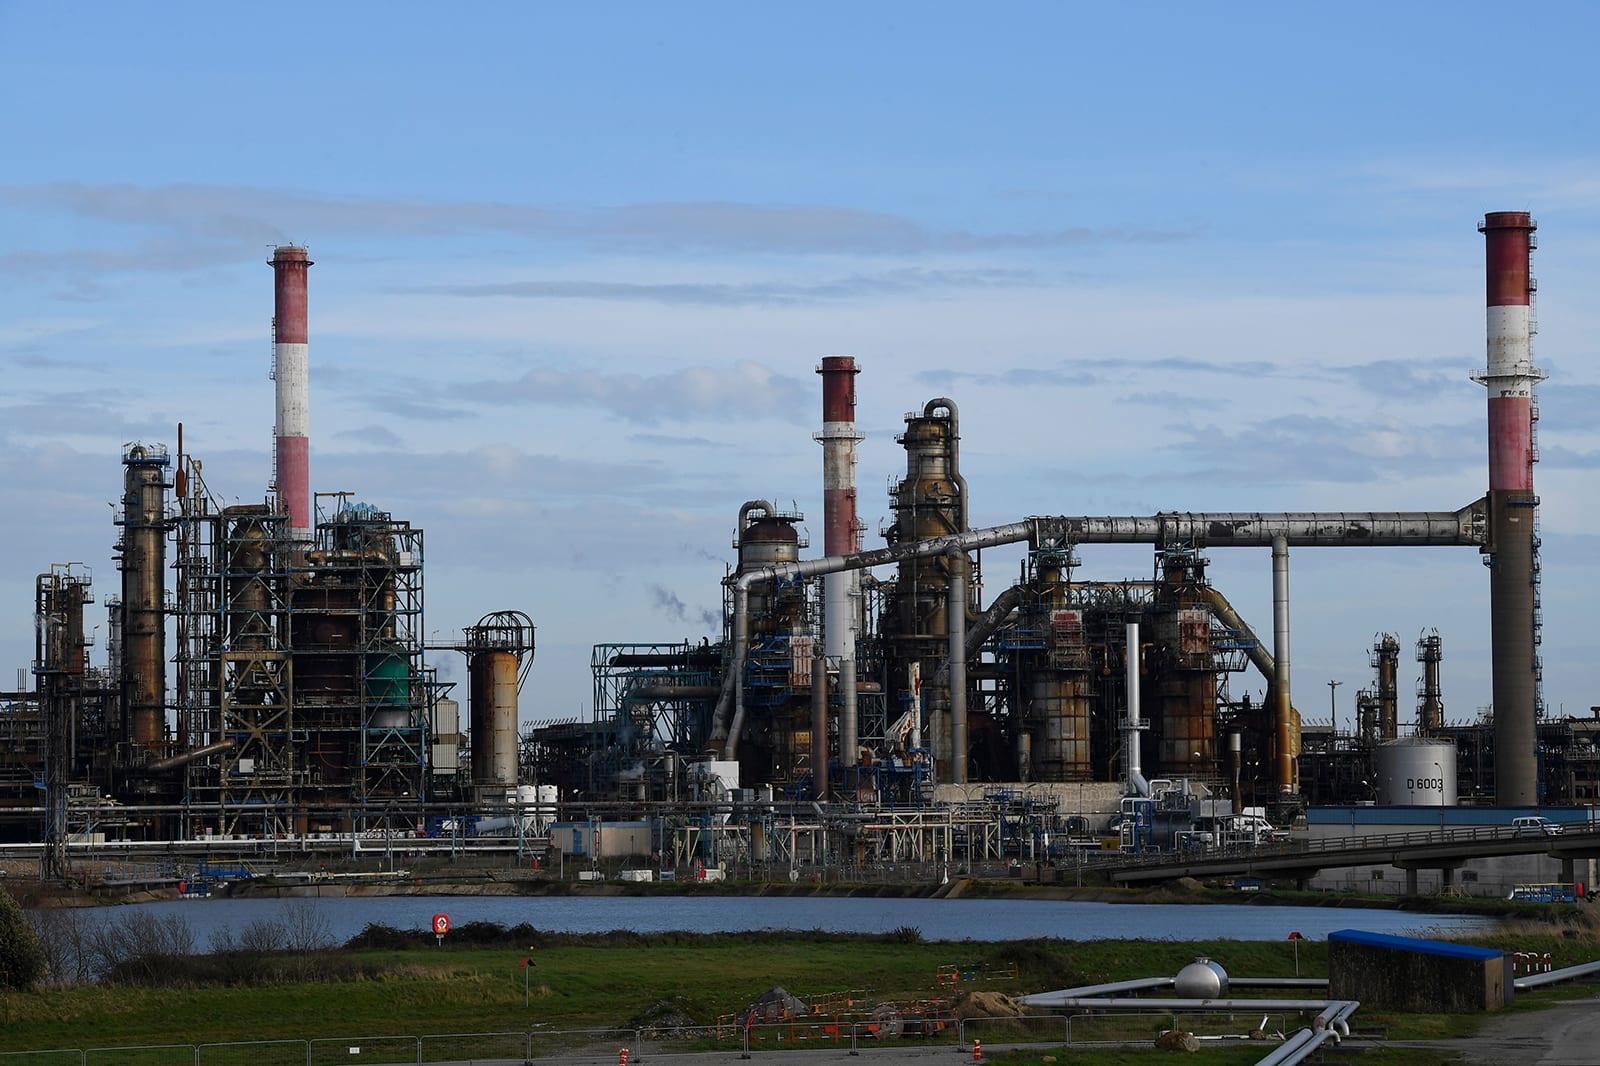 خوفاً من عمليات إغلاق واسعة مجدداً.. هبوط حاد في أسعار النفط